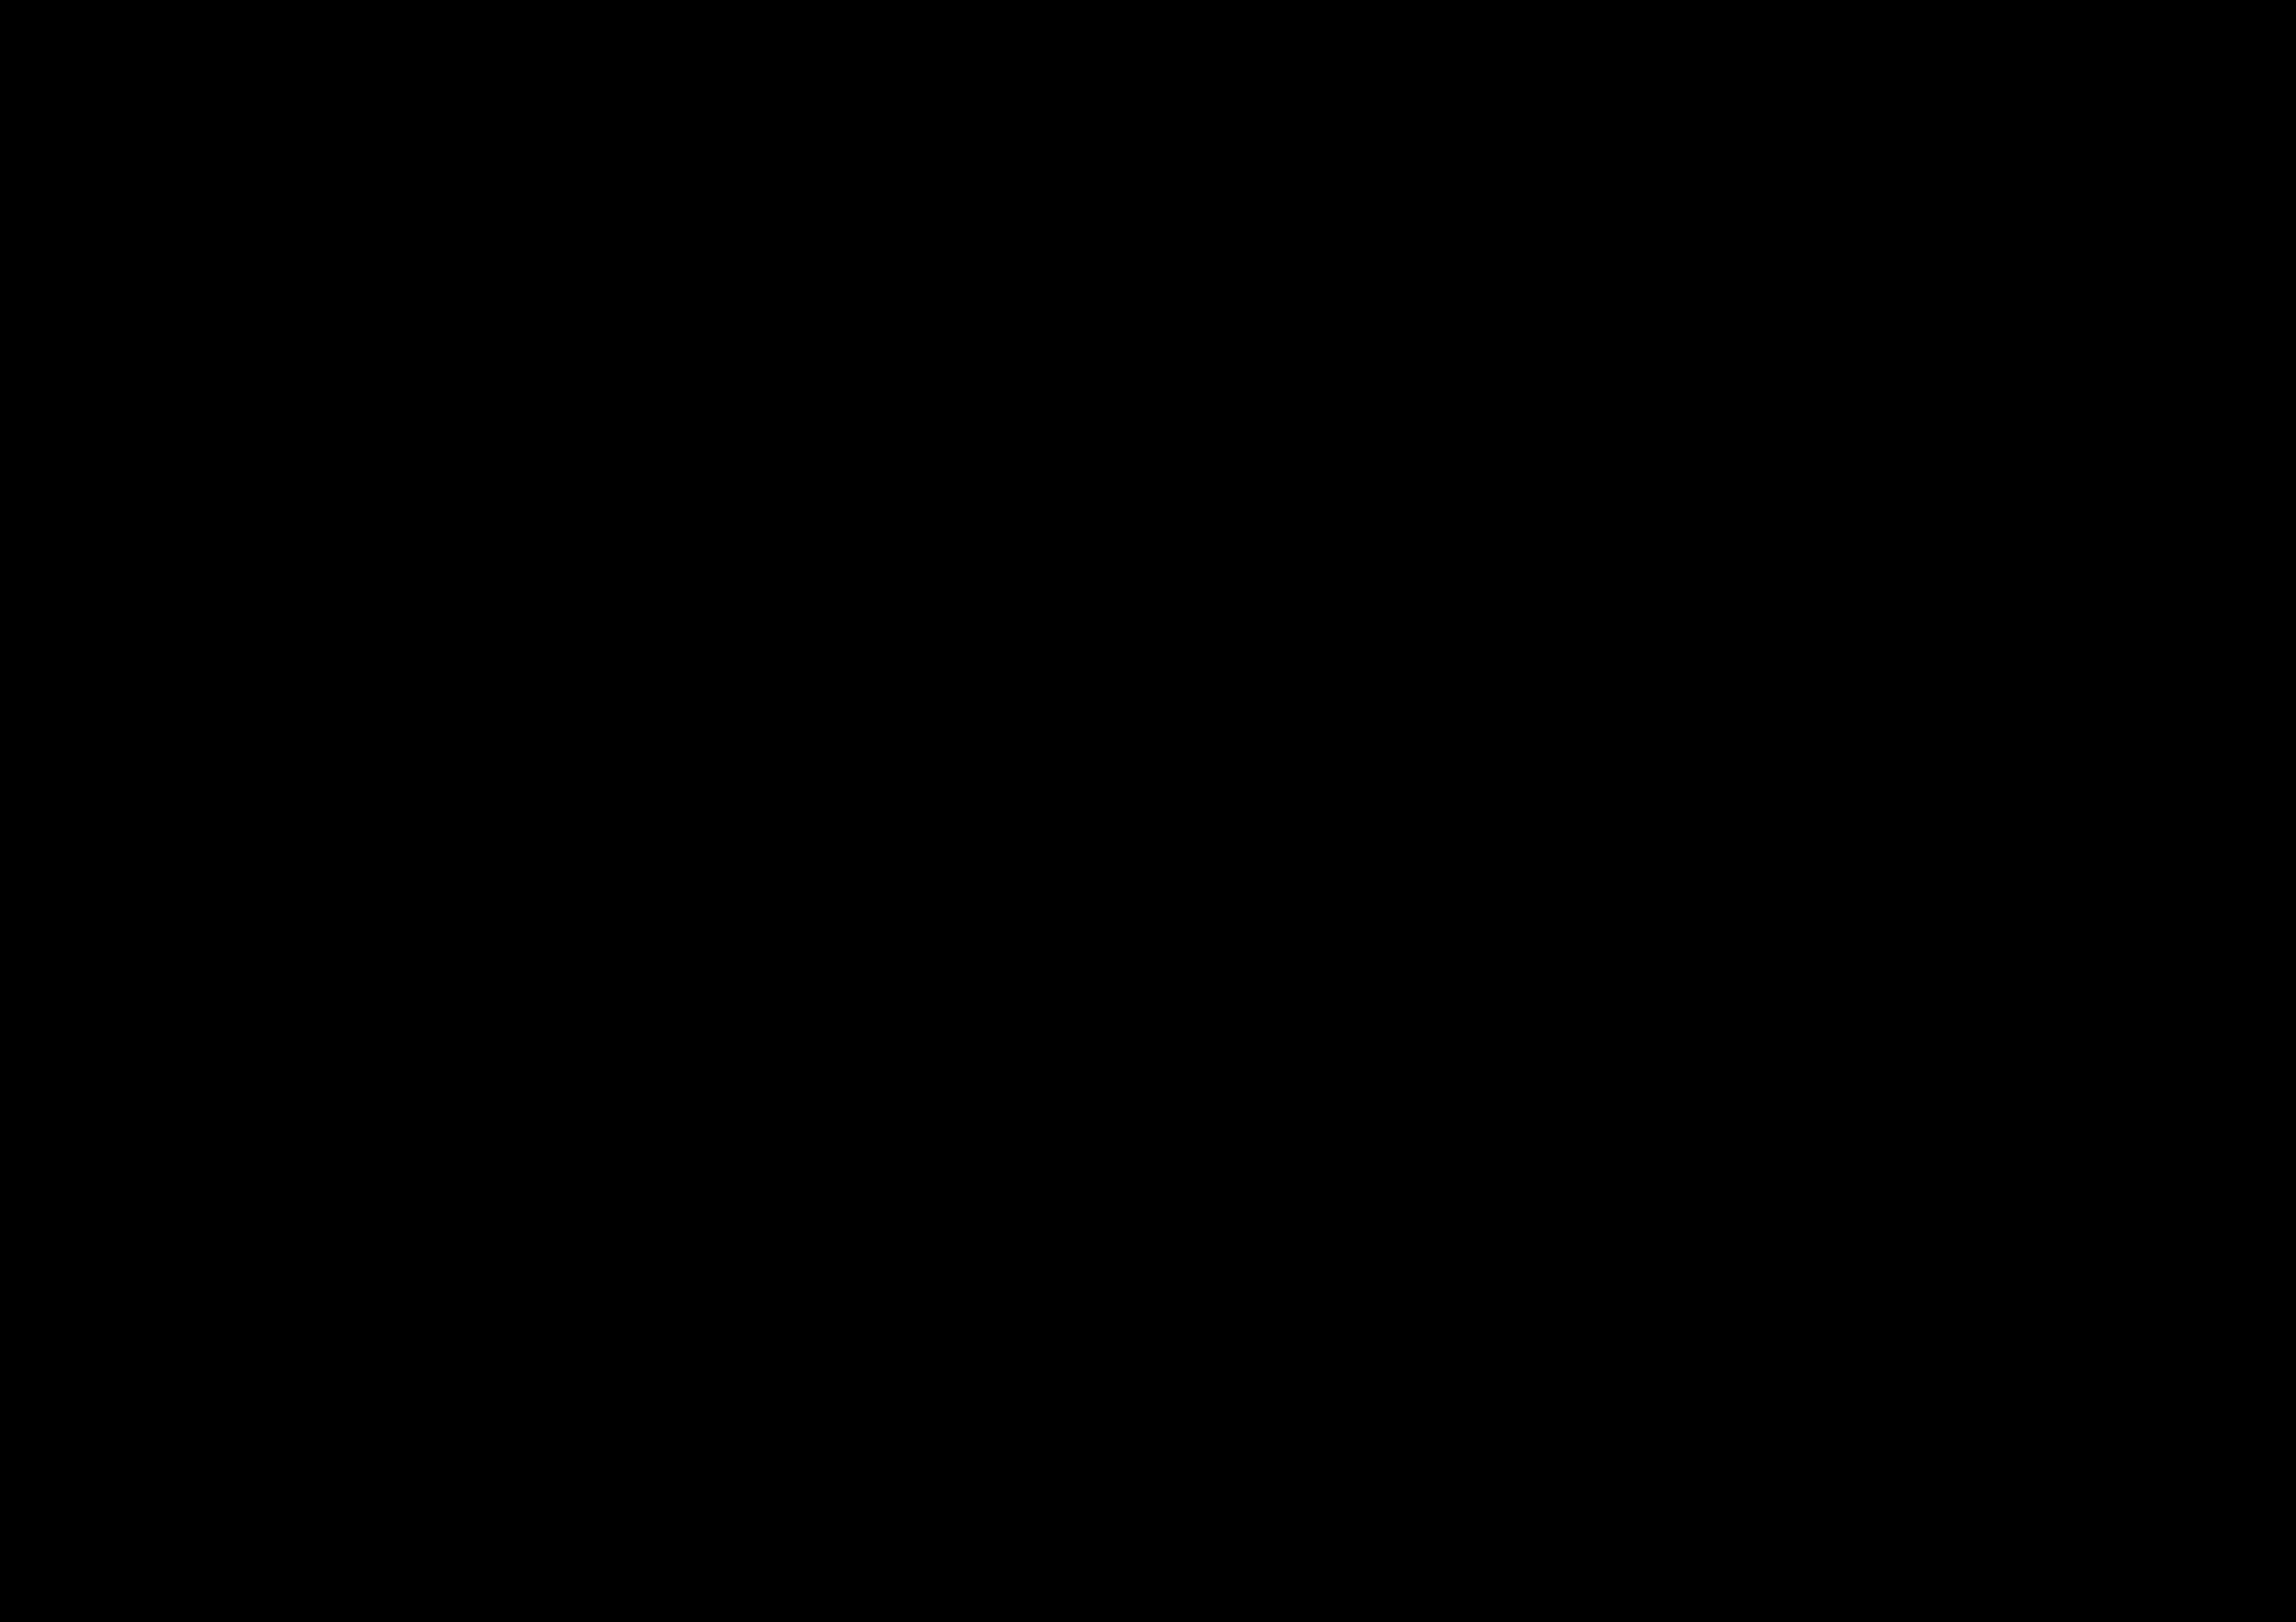 Canale d'irrigazione superficiale, falaj, qattara, aiun, foggara, Ph. Pietro Laureano